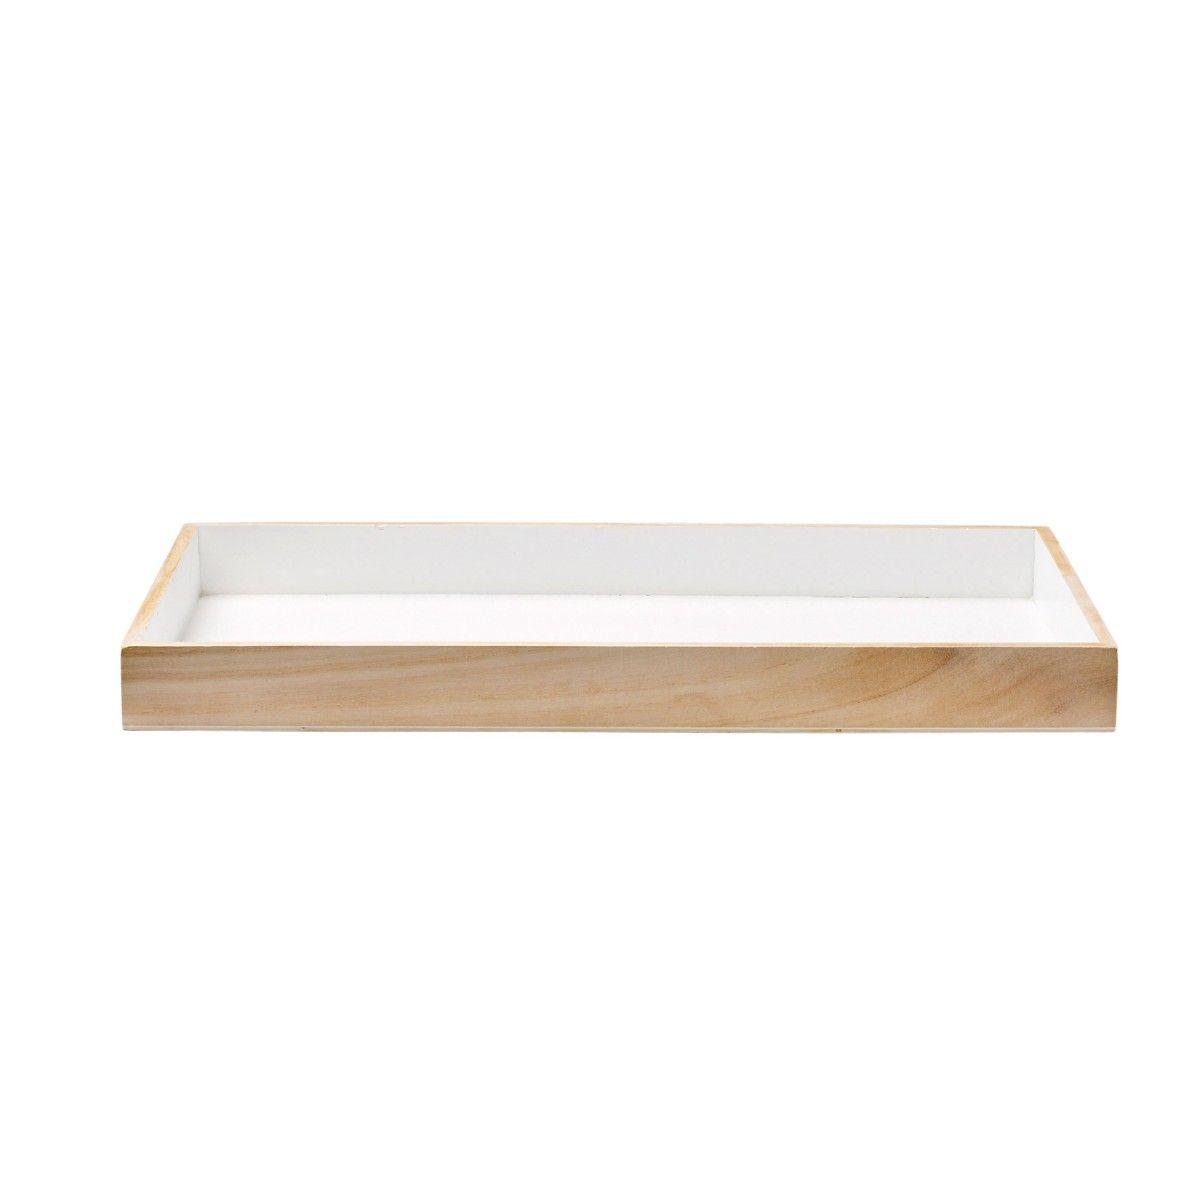 Bloomingville Tablett Veneer Weiss Natur Atala Fliesen Und Sanitarhandel Berlin Tablett Holz Tablett Holz